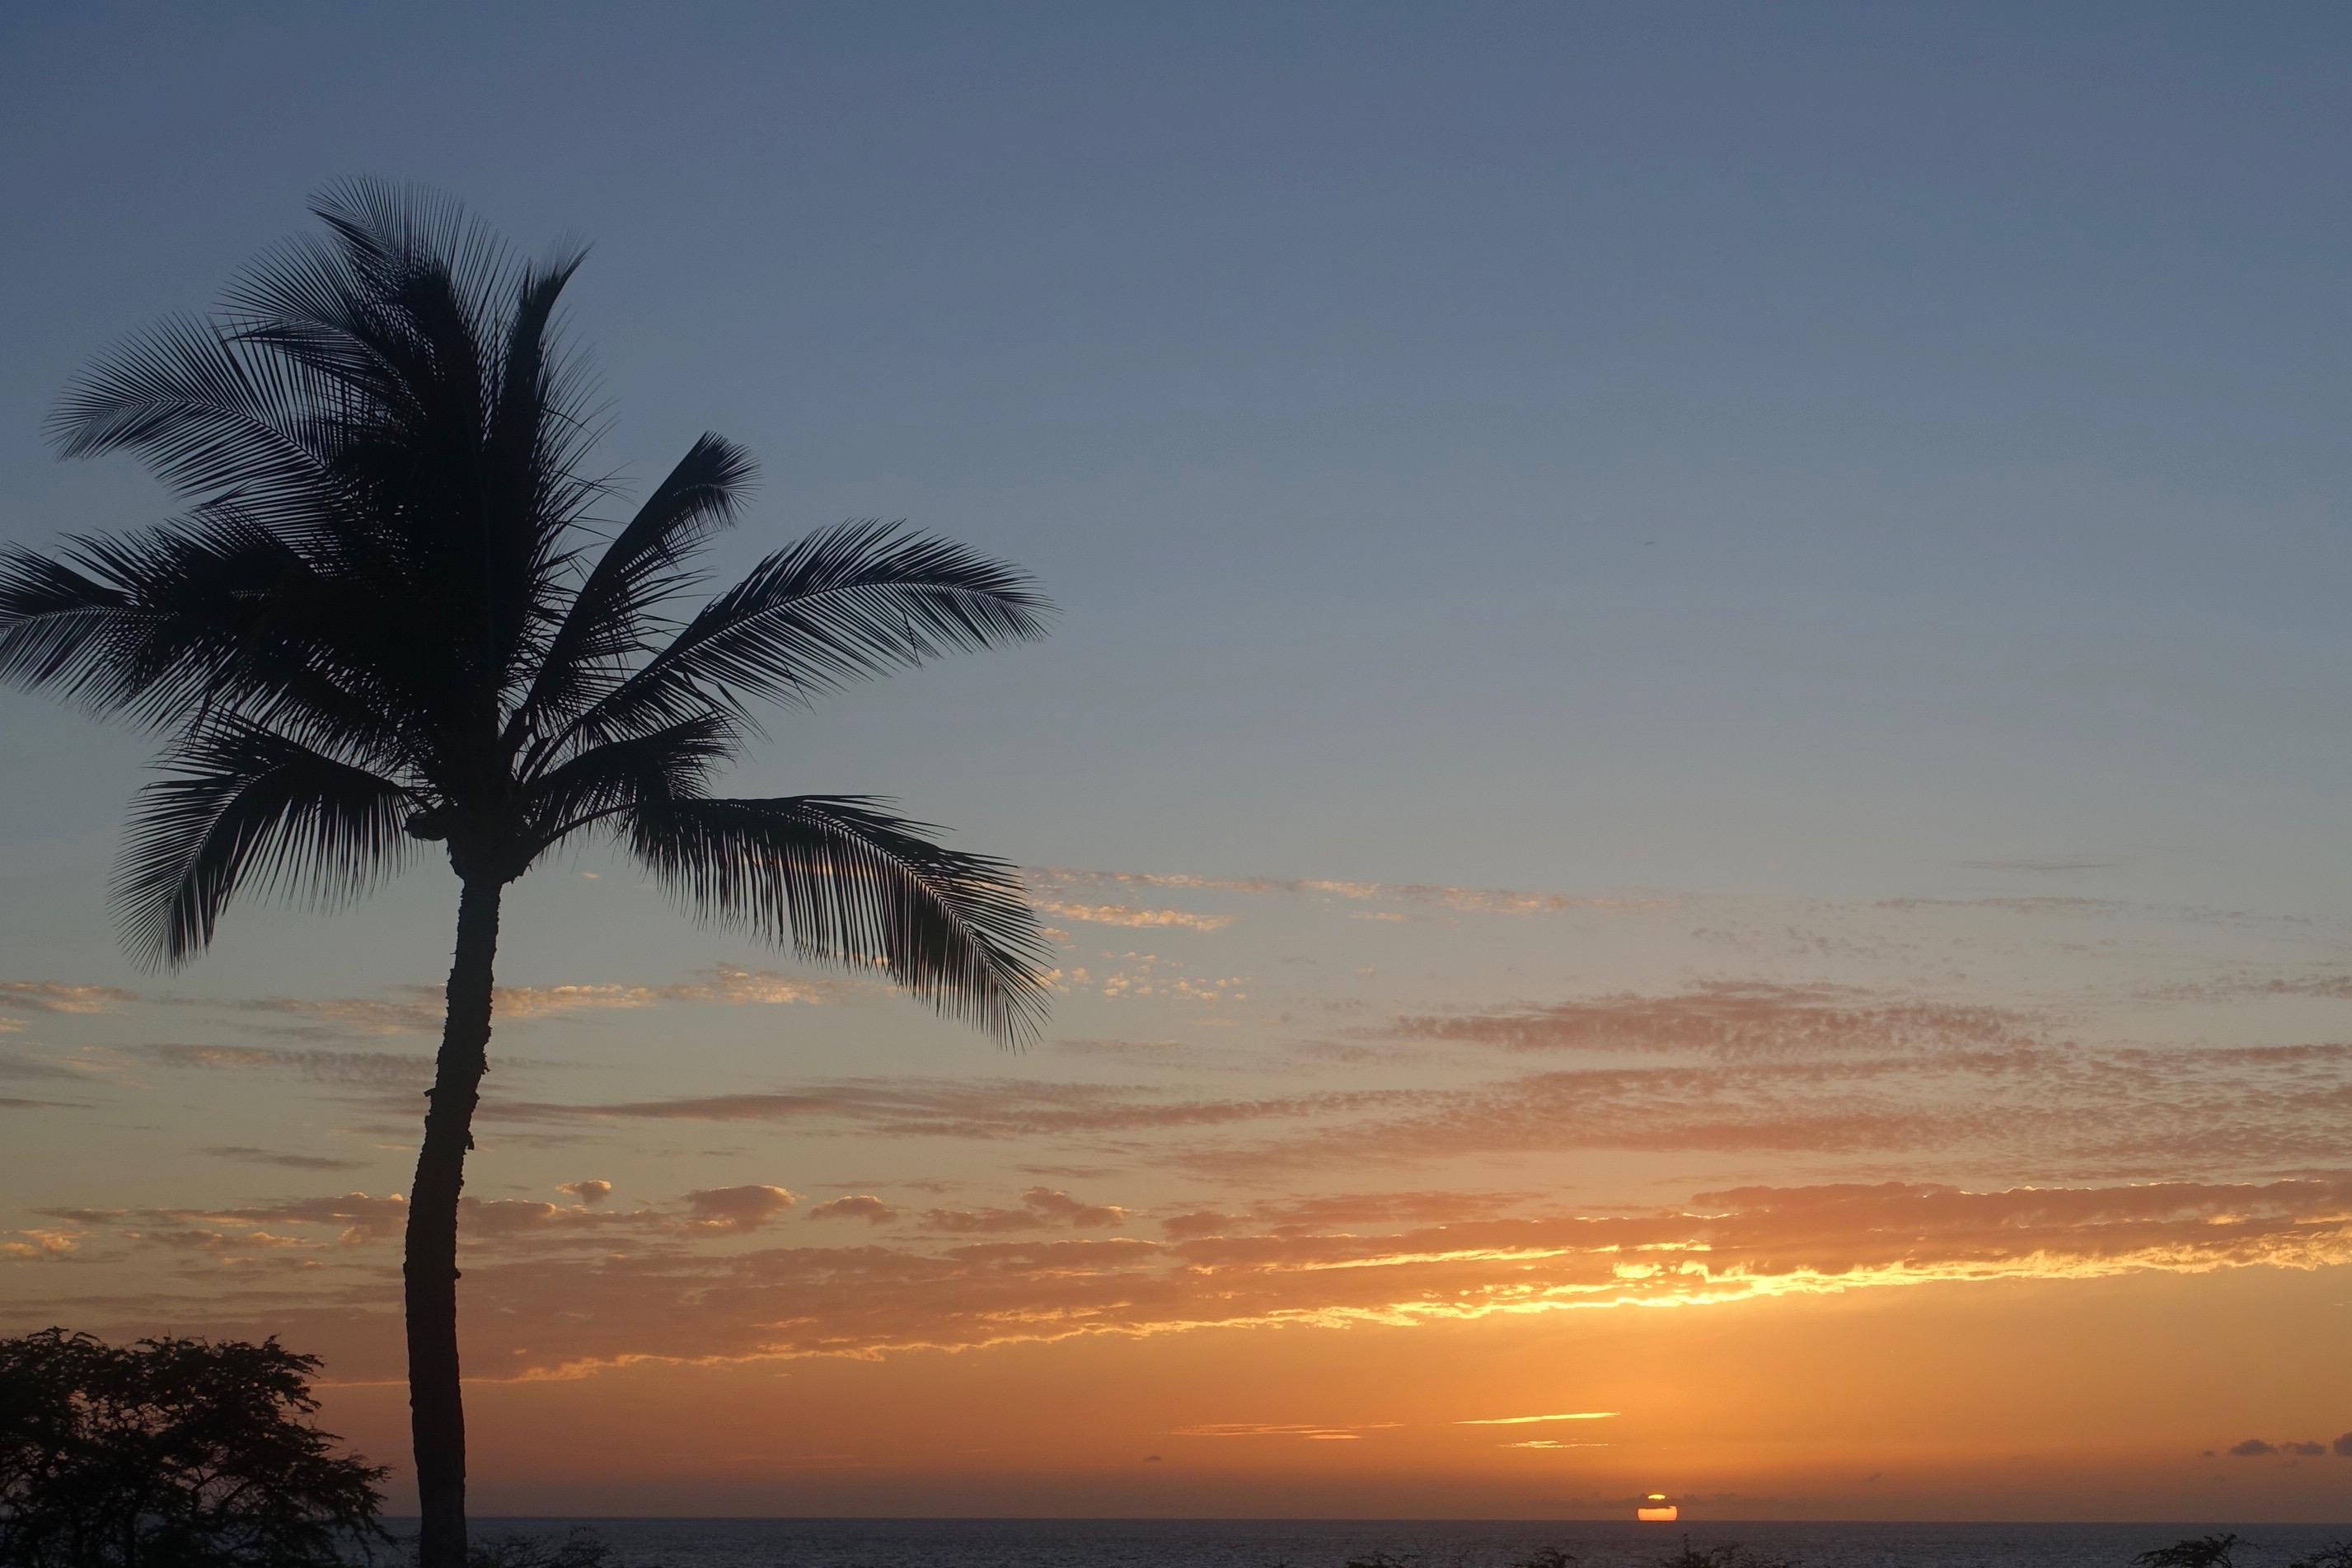 ハワイ島の今はどうなっているのか? キラウエア噴火から1年、現地に行って取材してきた